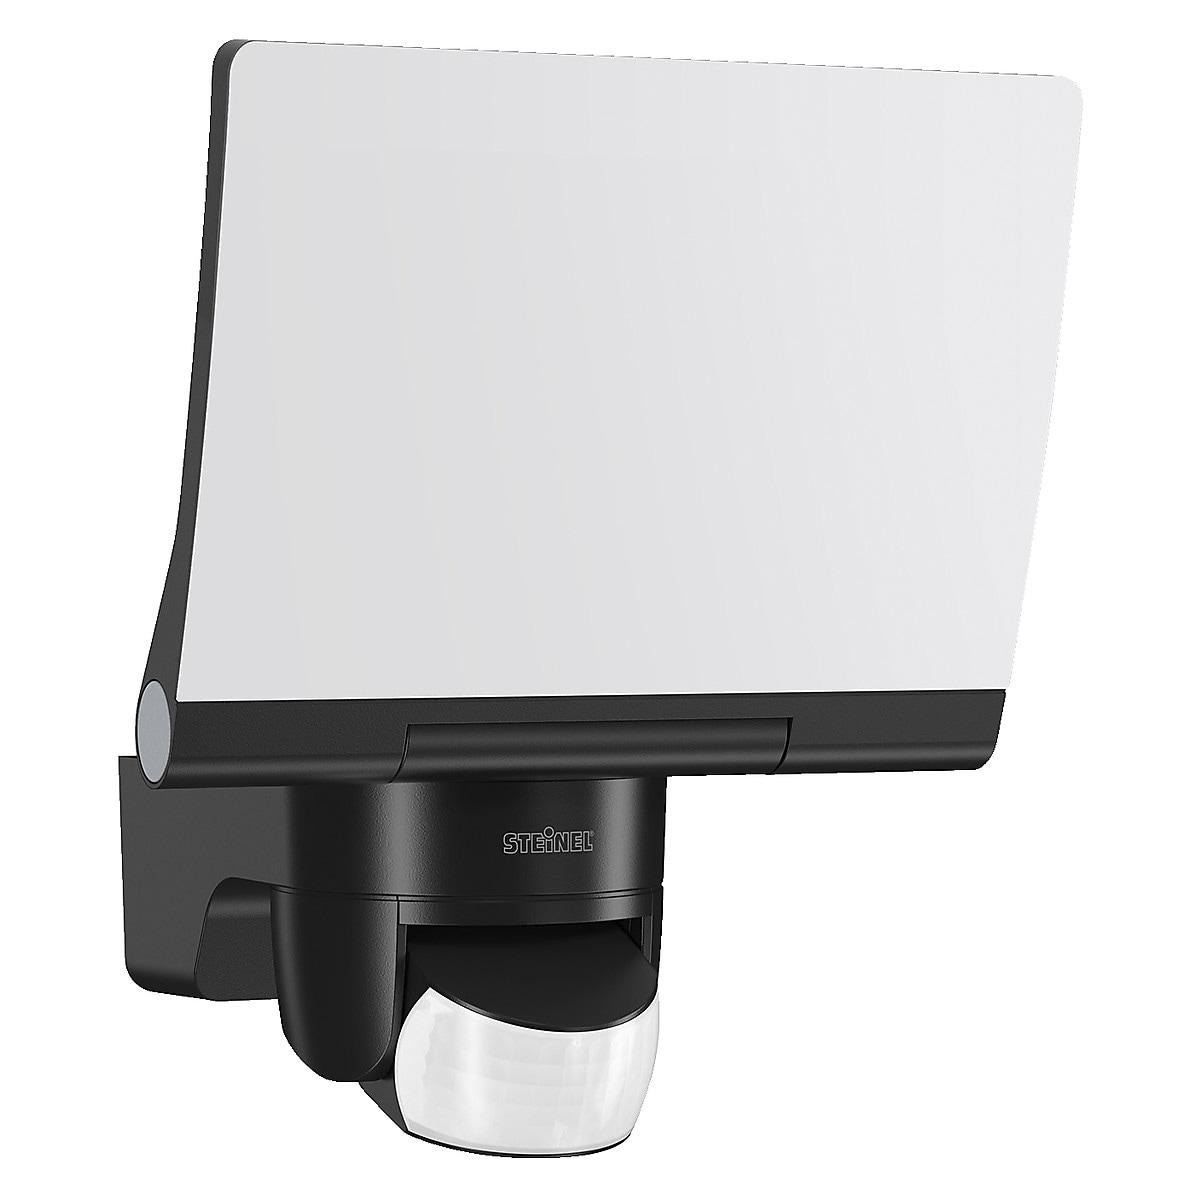 Strålkastare XLED Home 2 XL Sensor 20 W Steinel